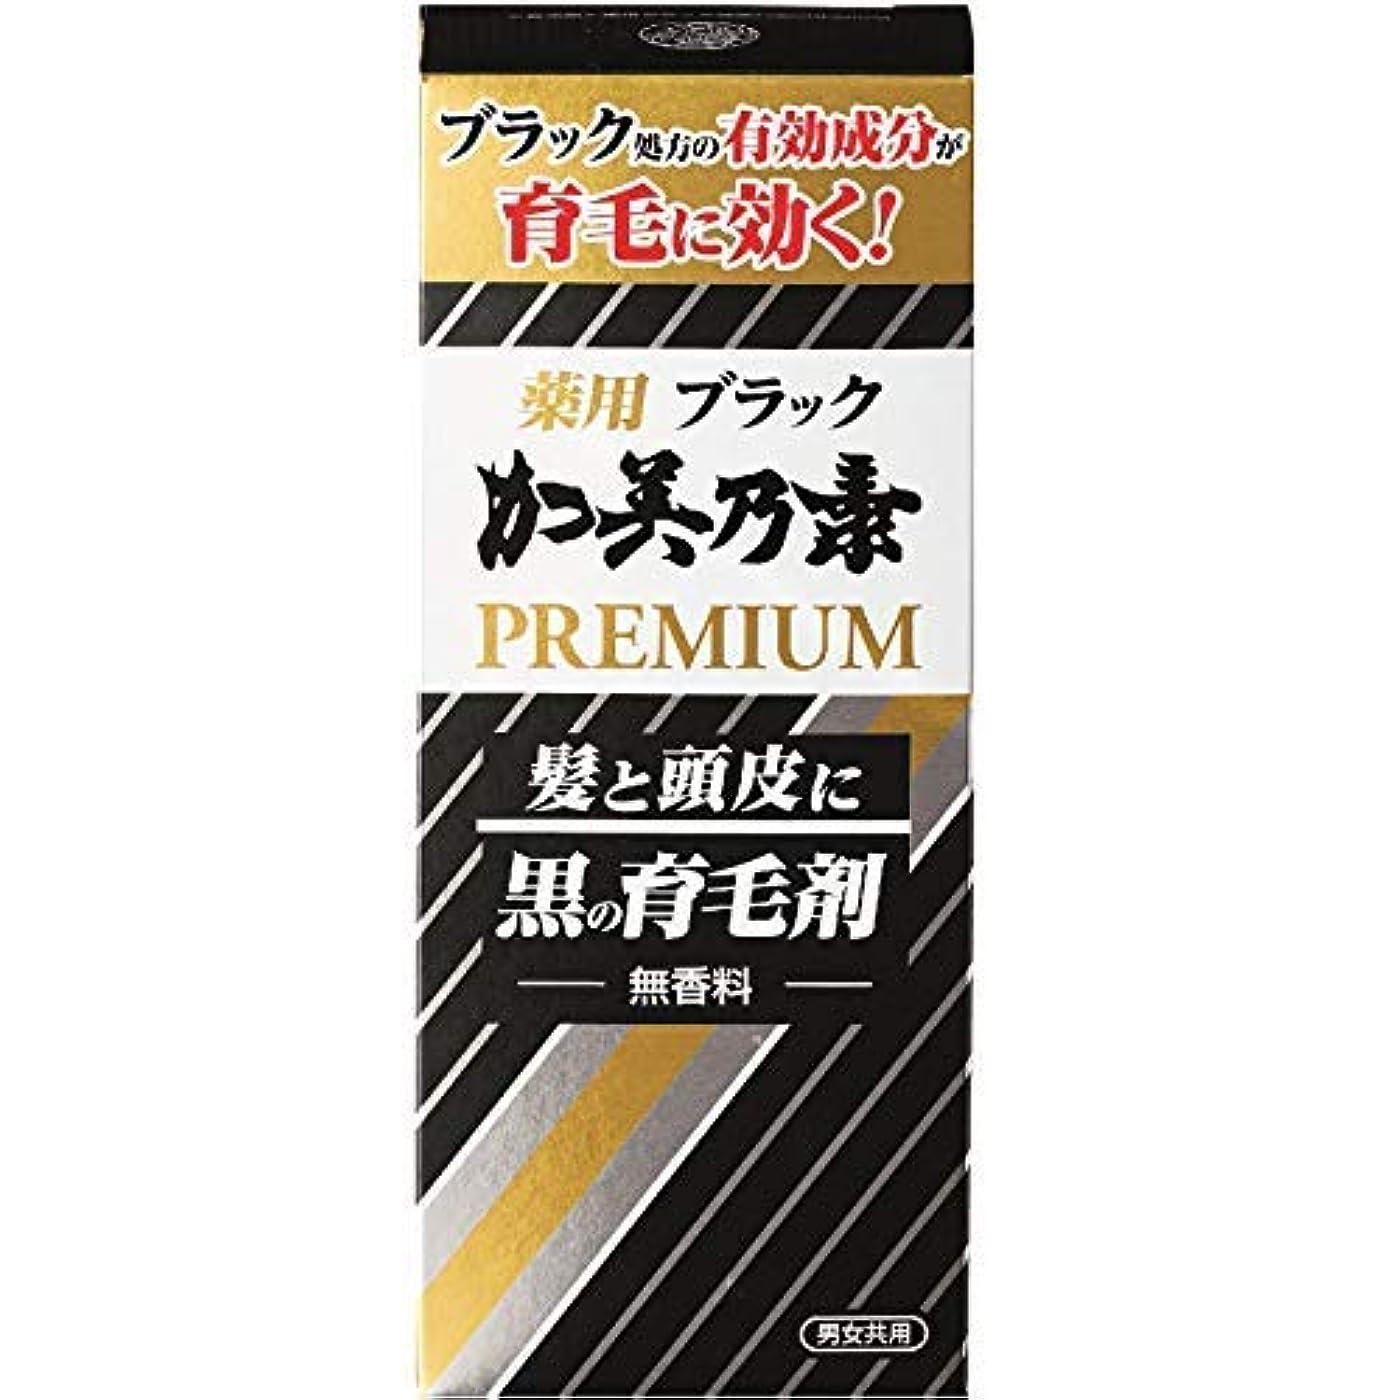 プラカード気になるテクスチャーブラック加美乃素 プレミアム × 18個セット